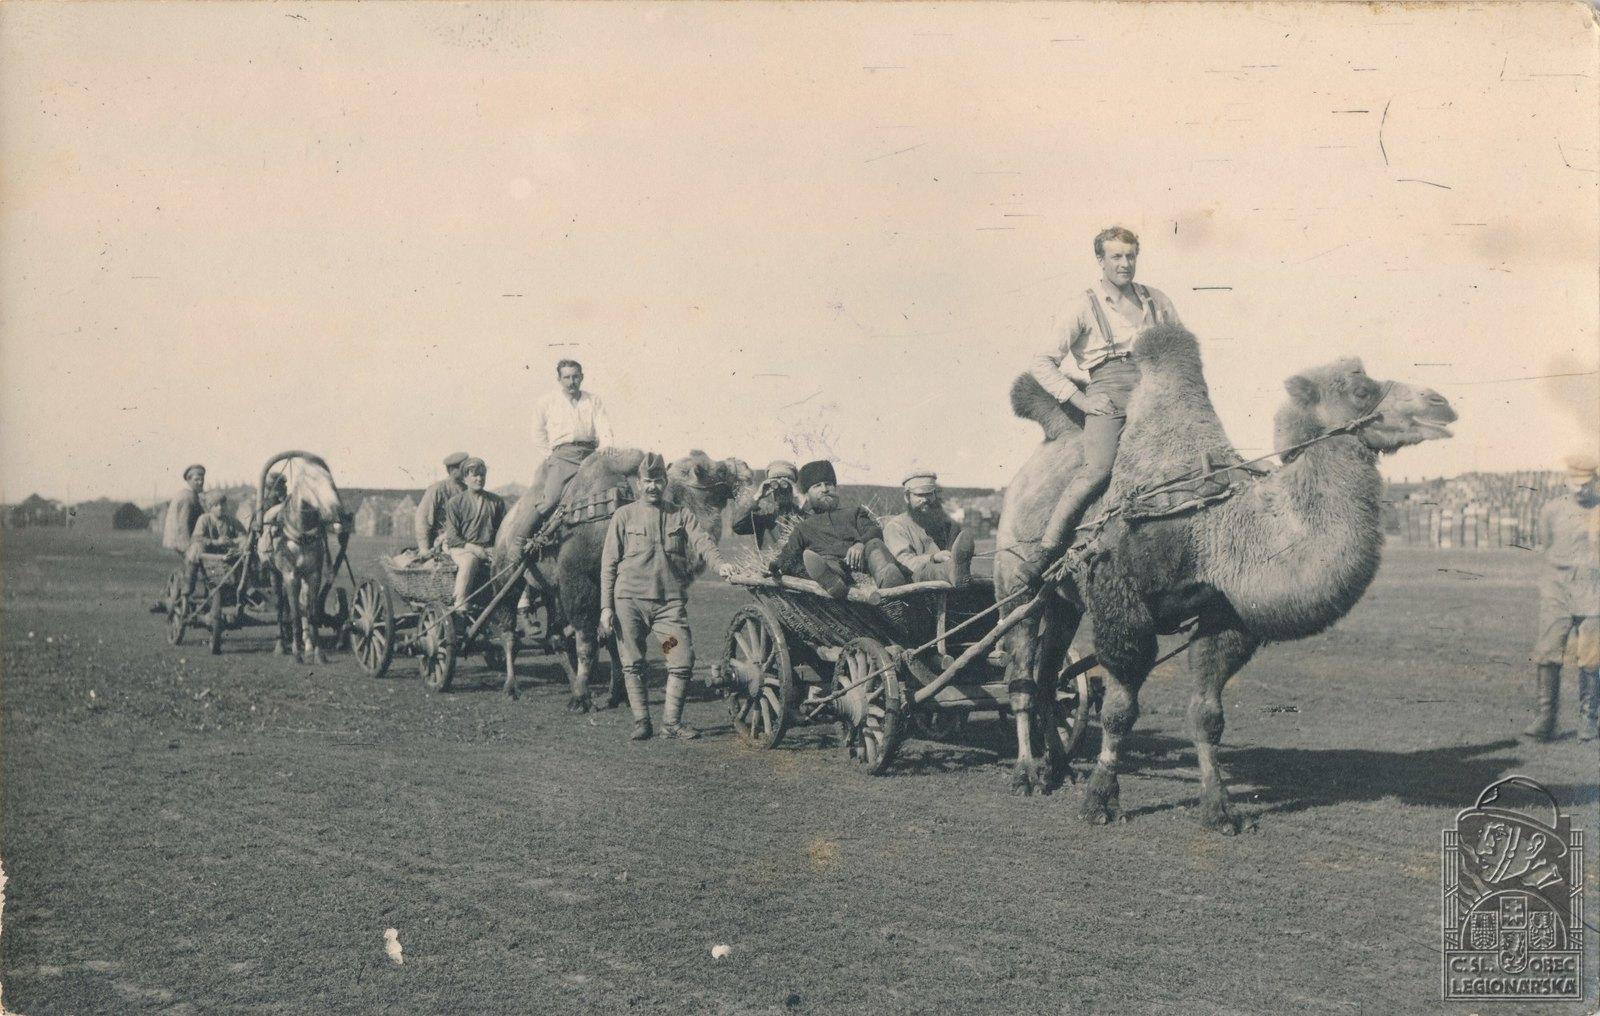 1918. Катание на верблюдах в Обшаровке. Самарская губерния